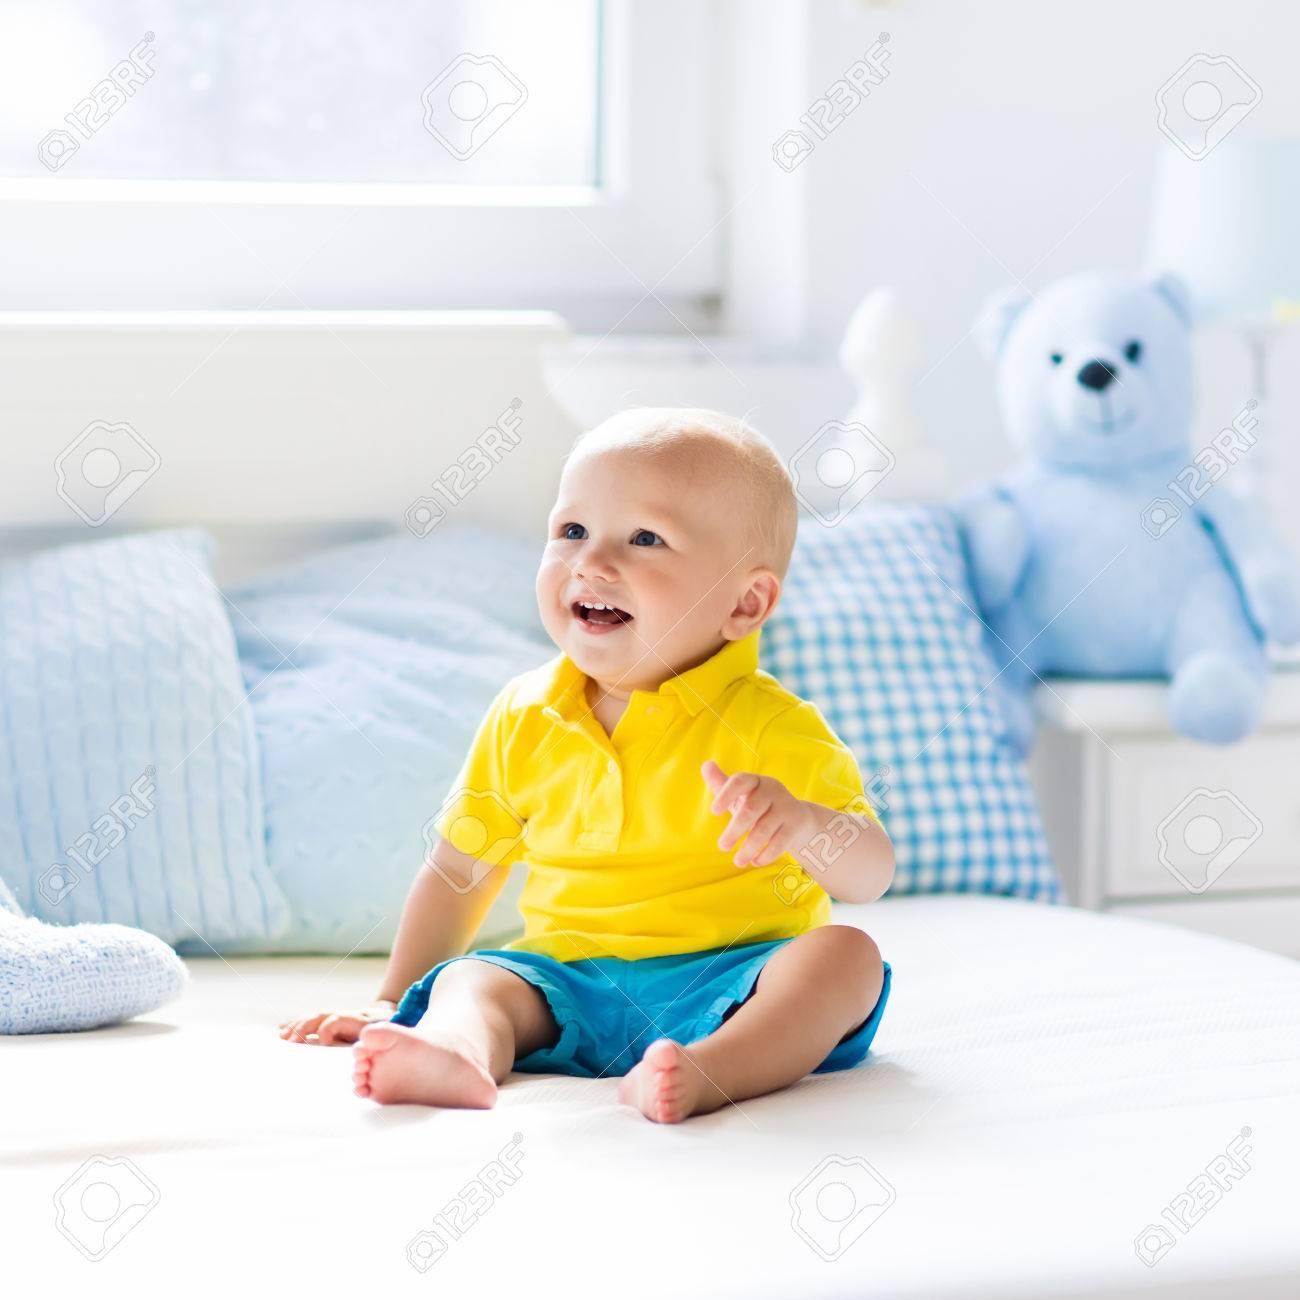 赤ちゃんは 両親と同じベッドで遊ぶ かわいい面白い男の子白日当たりの良い保育園でクロールする学習します 乳児と幼児はルーム インテリアです ベッド 子供のためのおもちゃ 子供たちは家庭で遊ぶ 赤ちゃんのベッドルーム の写真素材 画像素材 Image